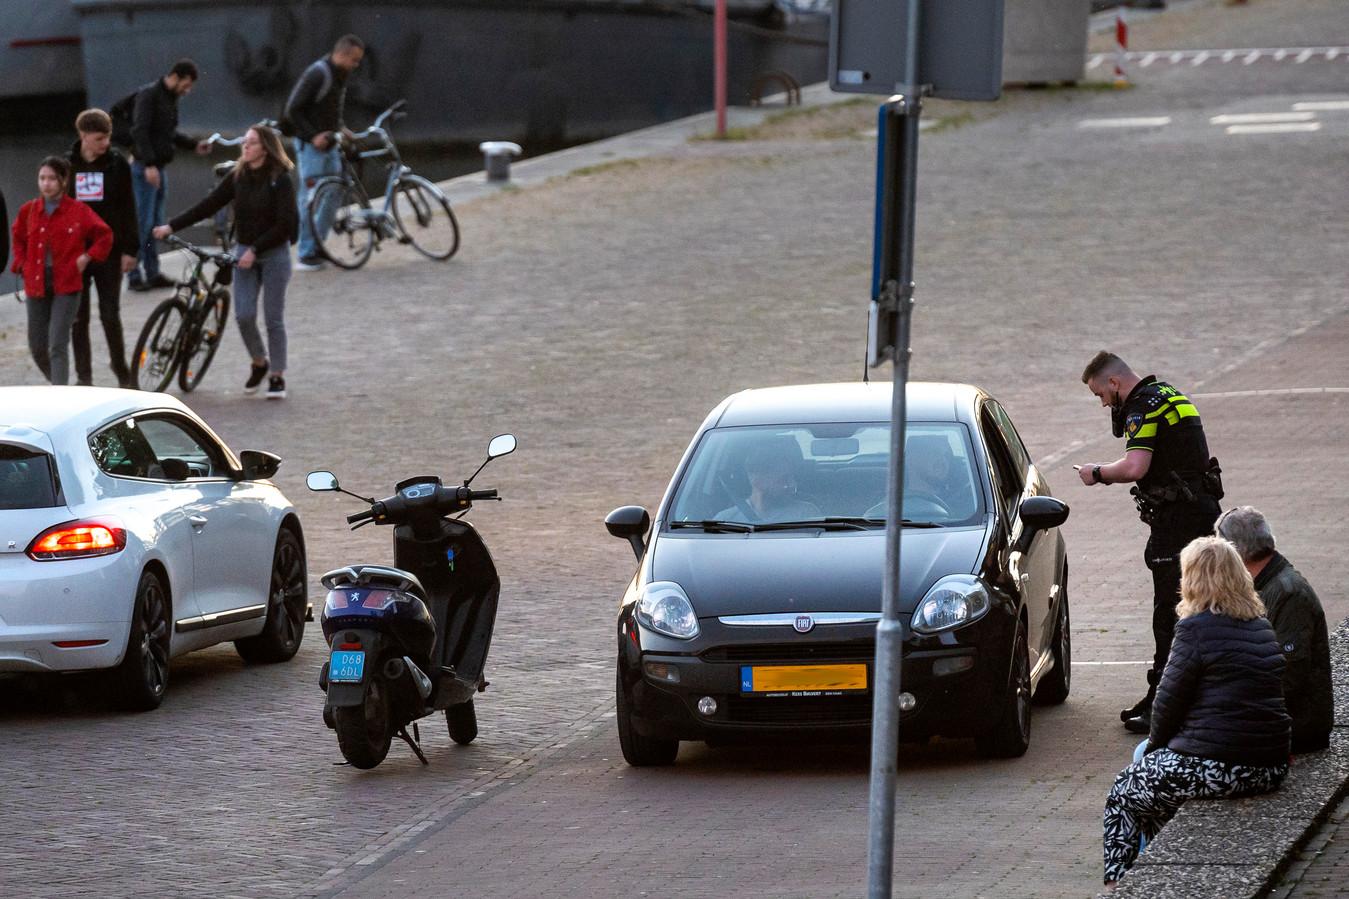 Politiecontrole op de Rijnkade in Arnhem. Archieffoto: Gerard Burgers